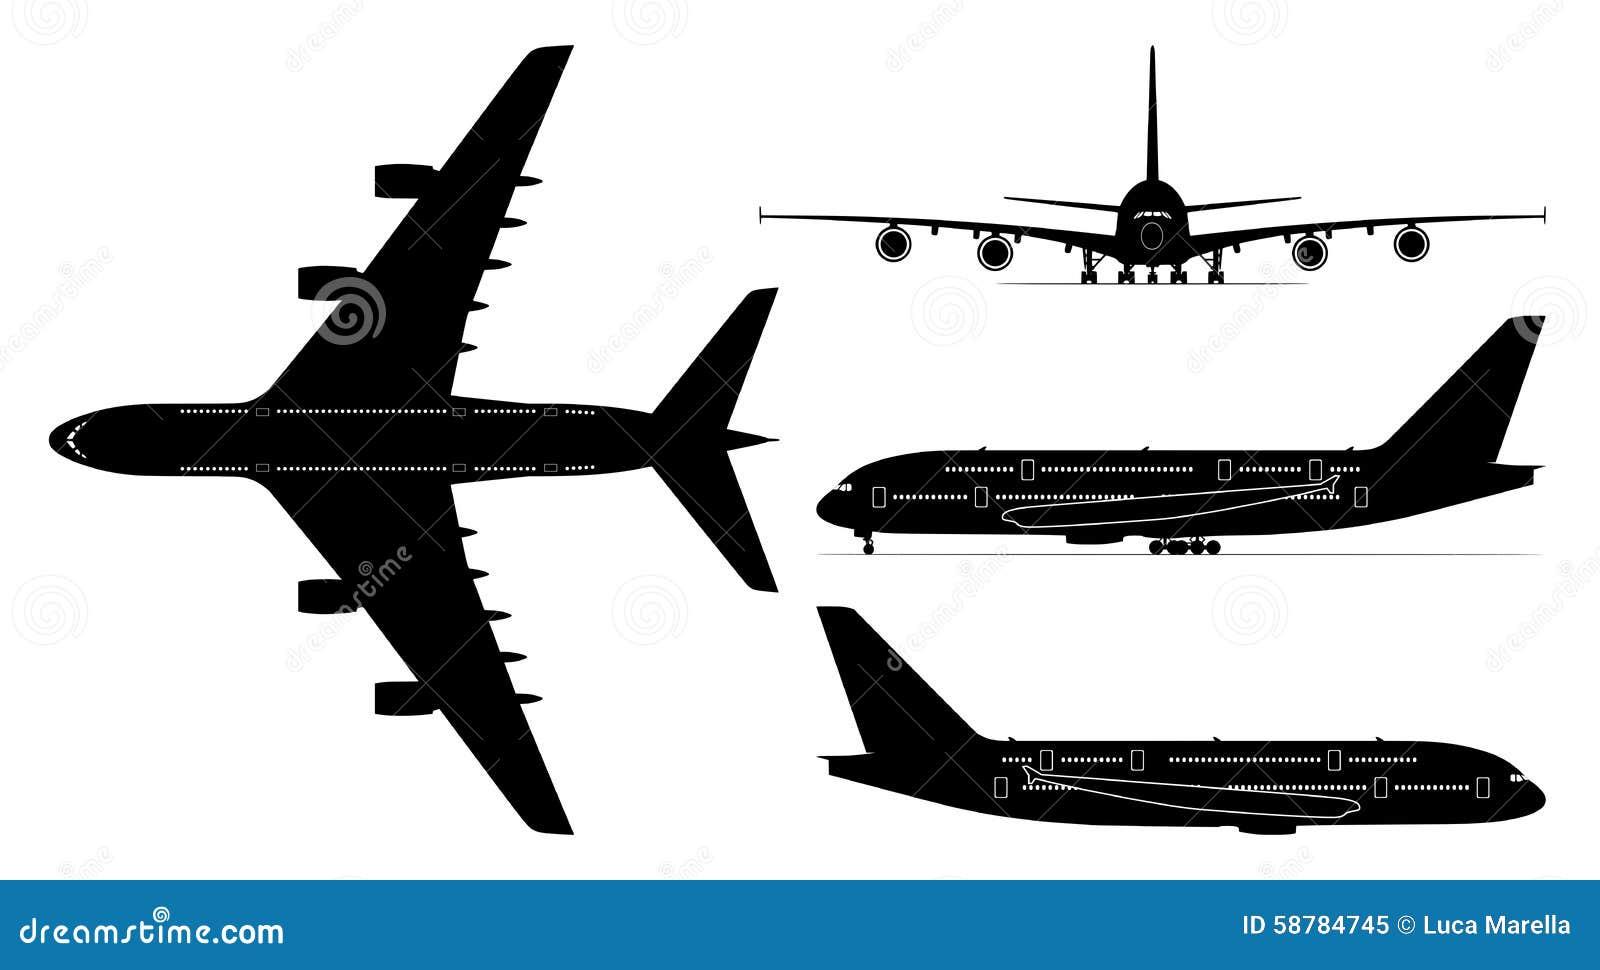 Passenger Jetliner Vector Stock Vector Illustration Of